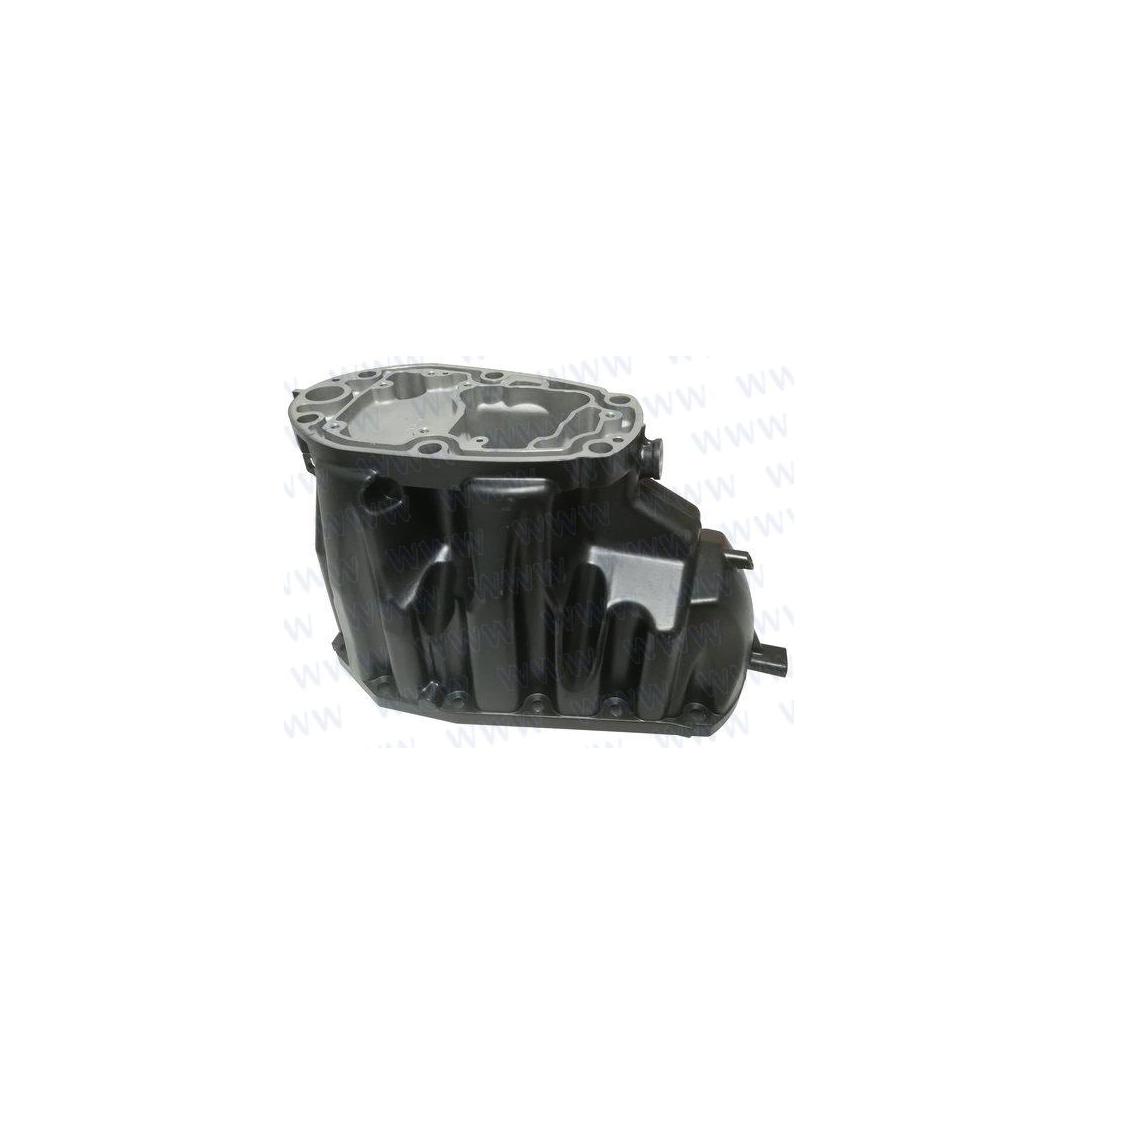 Parsun F50, F60 OIL SUMP (PAF60-02010006)